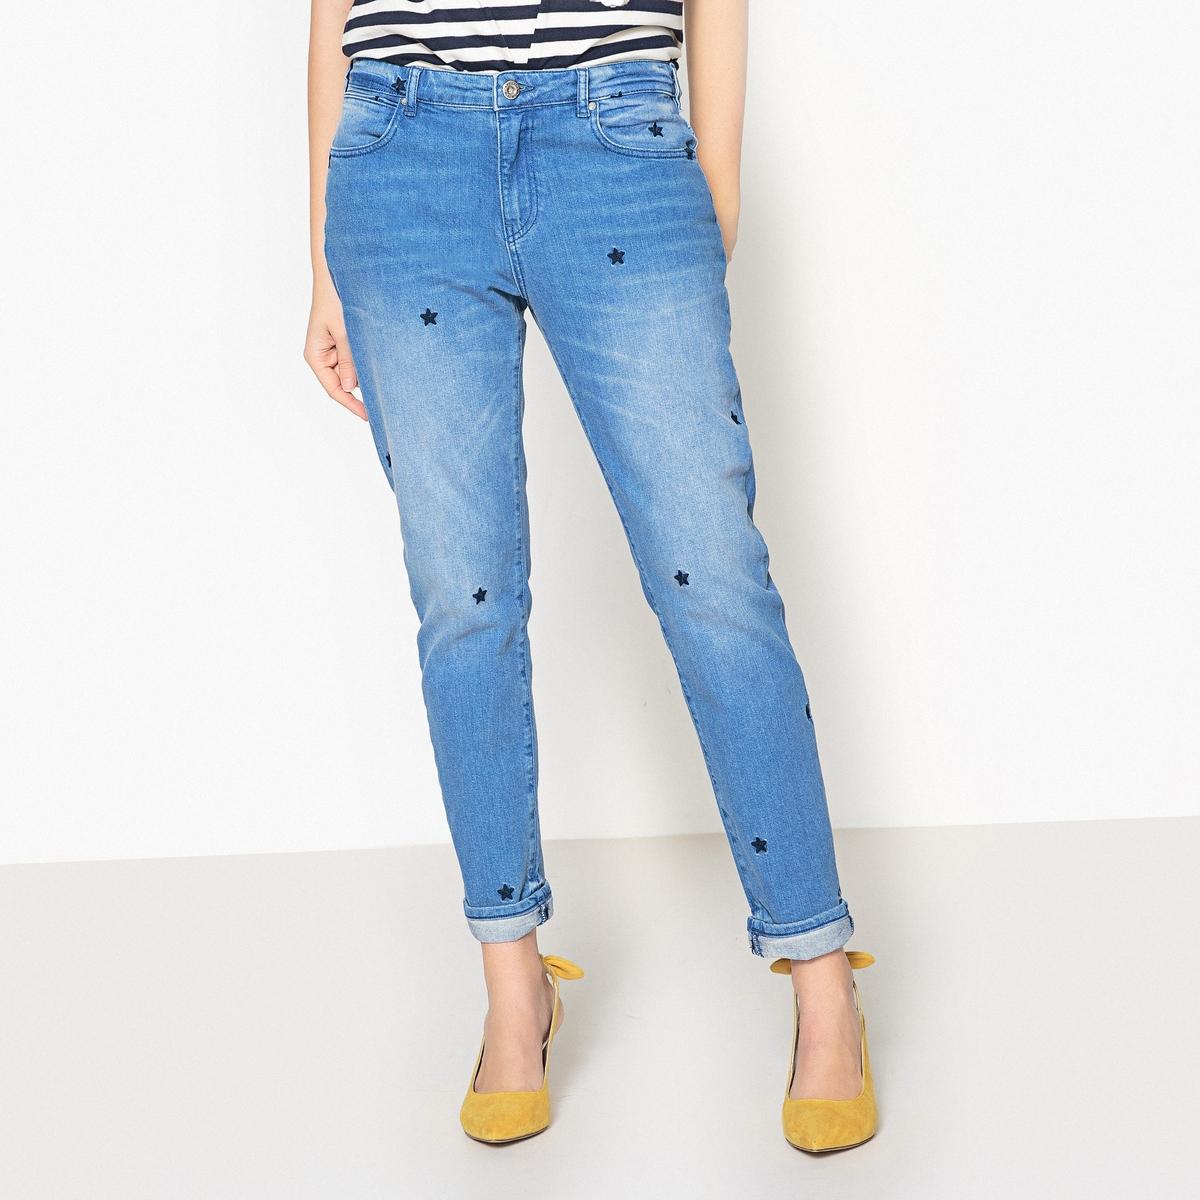 Джинсы-скинни с вышивками джинсы скинни 5 карманов длина 7 8 д 30